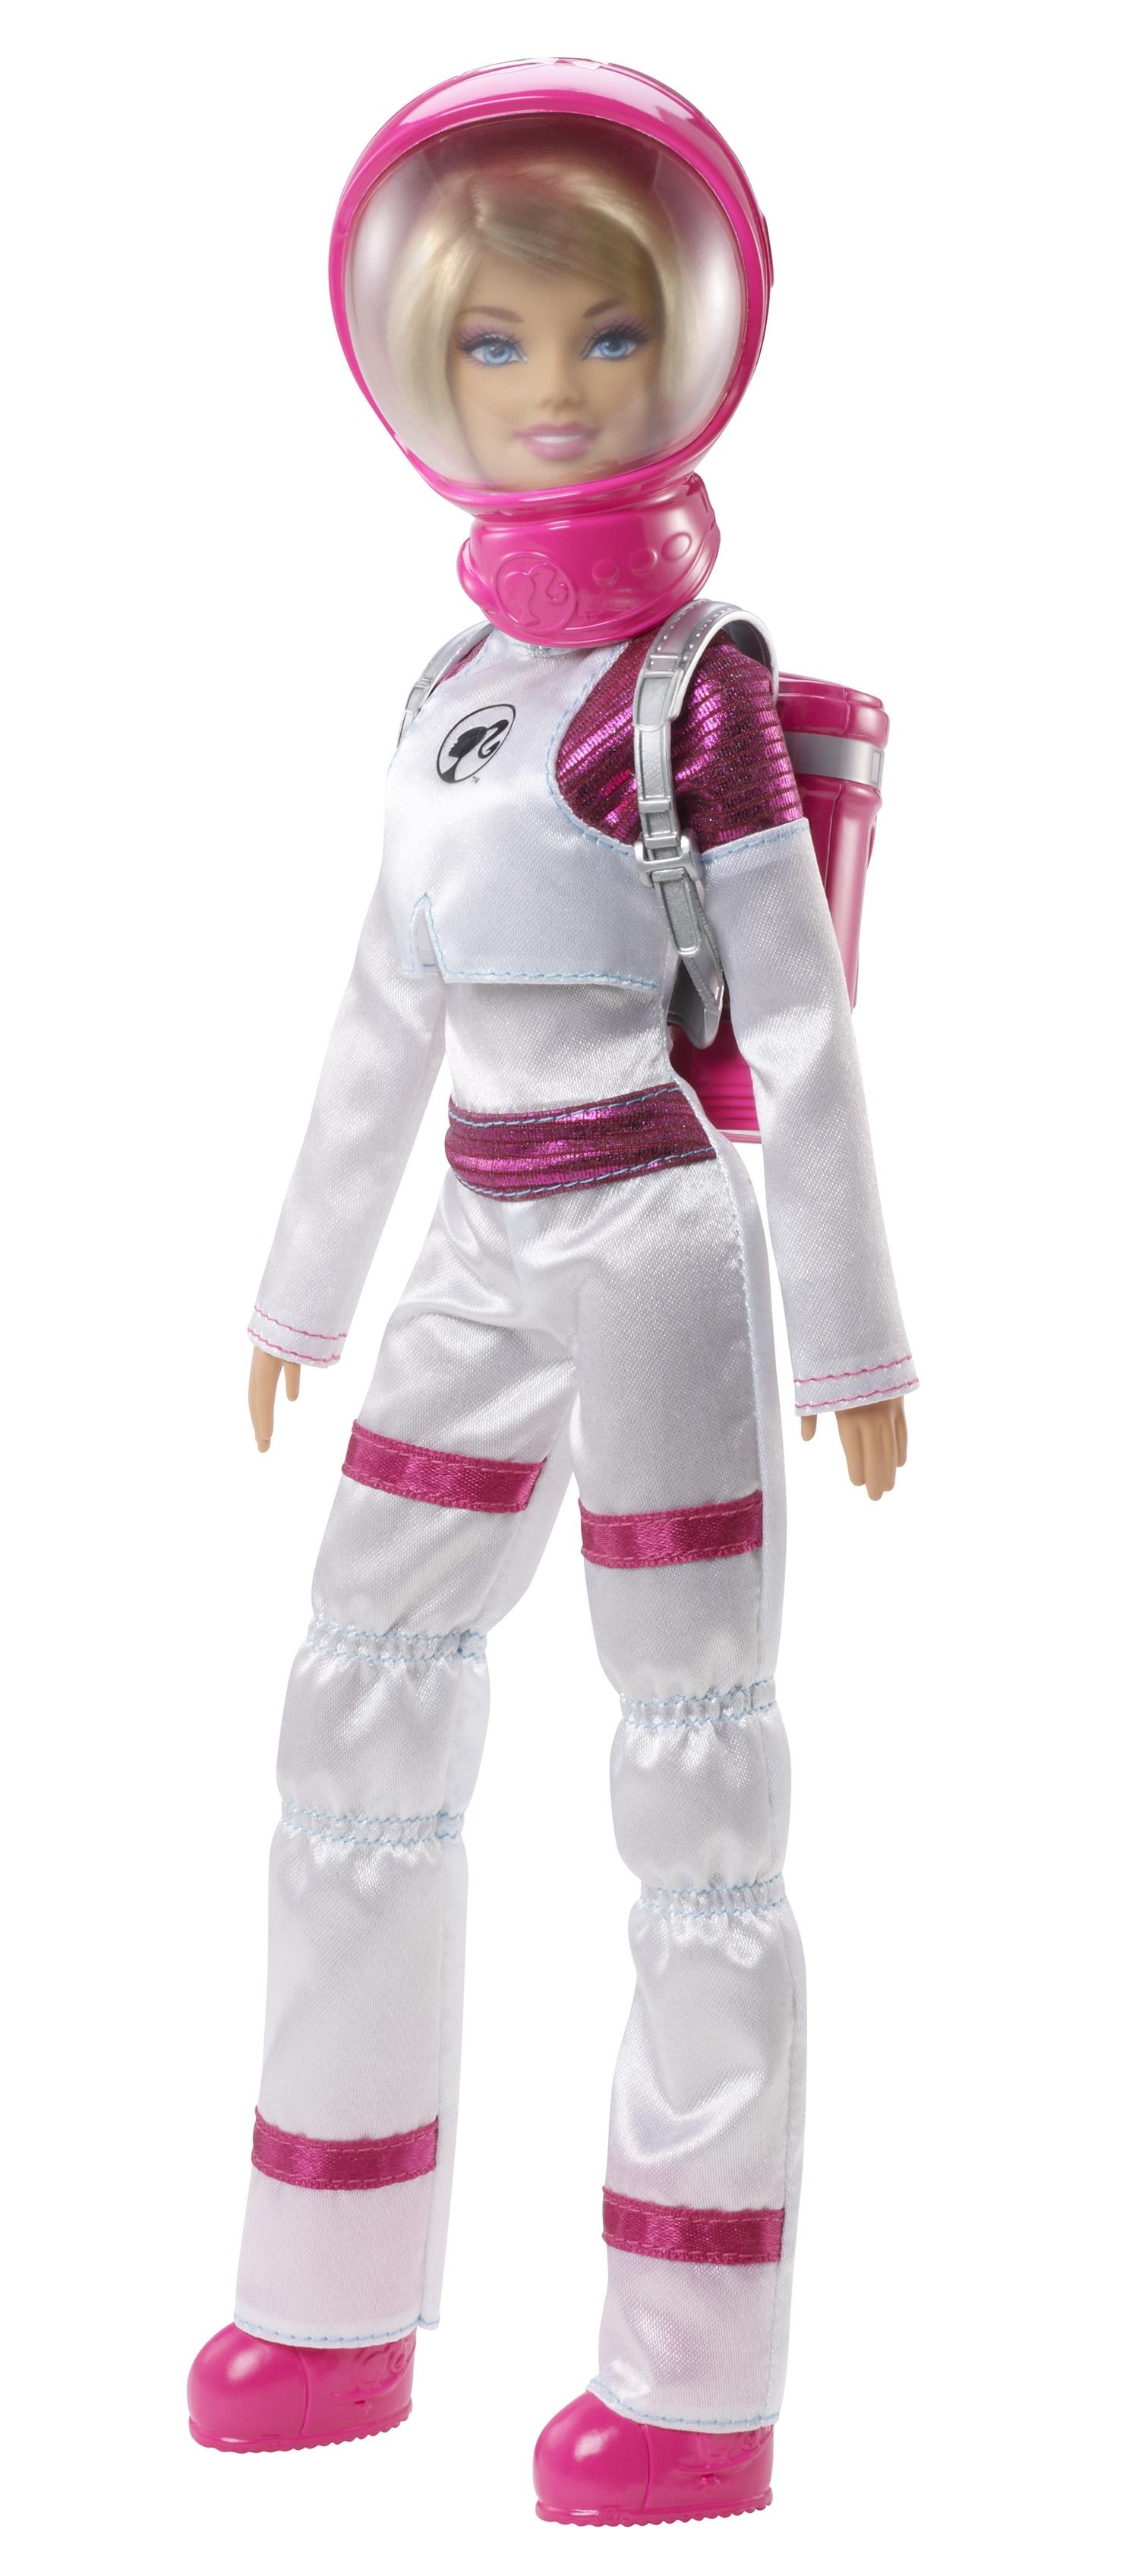 2013-08-06-Barbie2.jpg